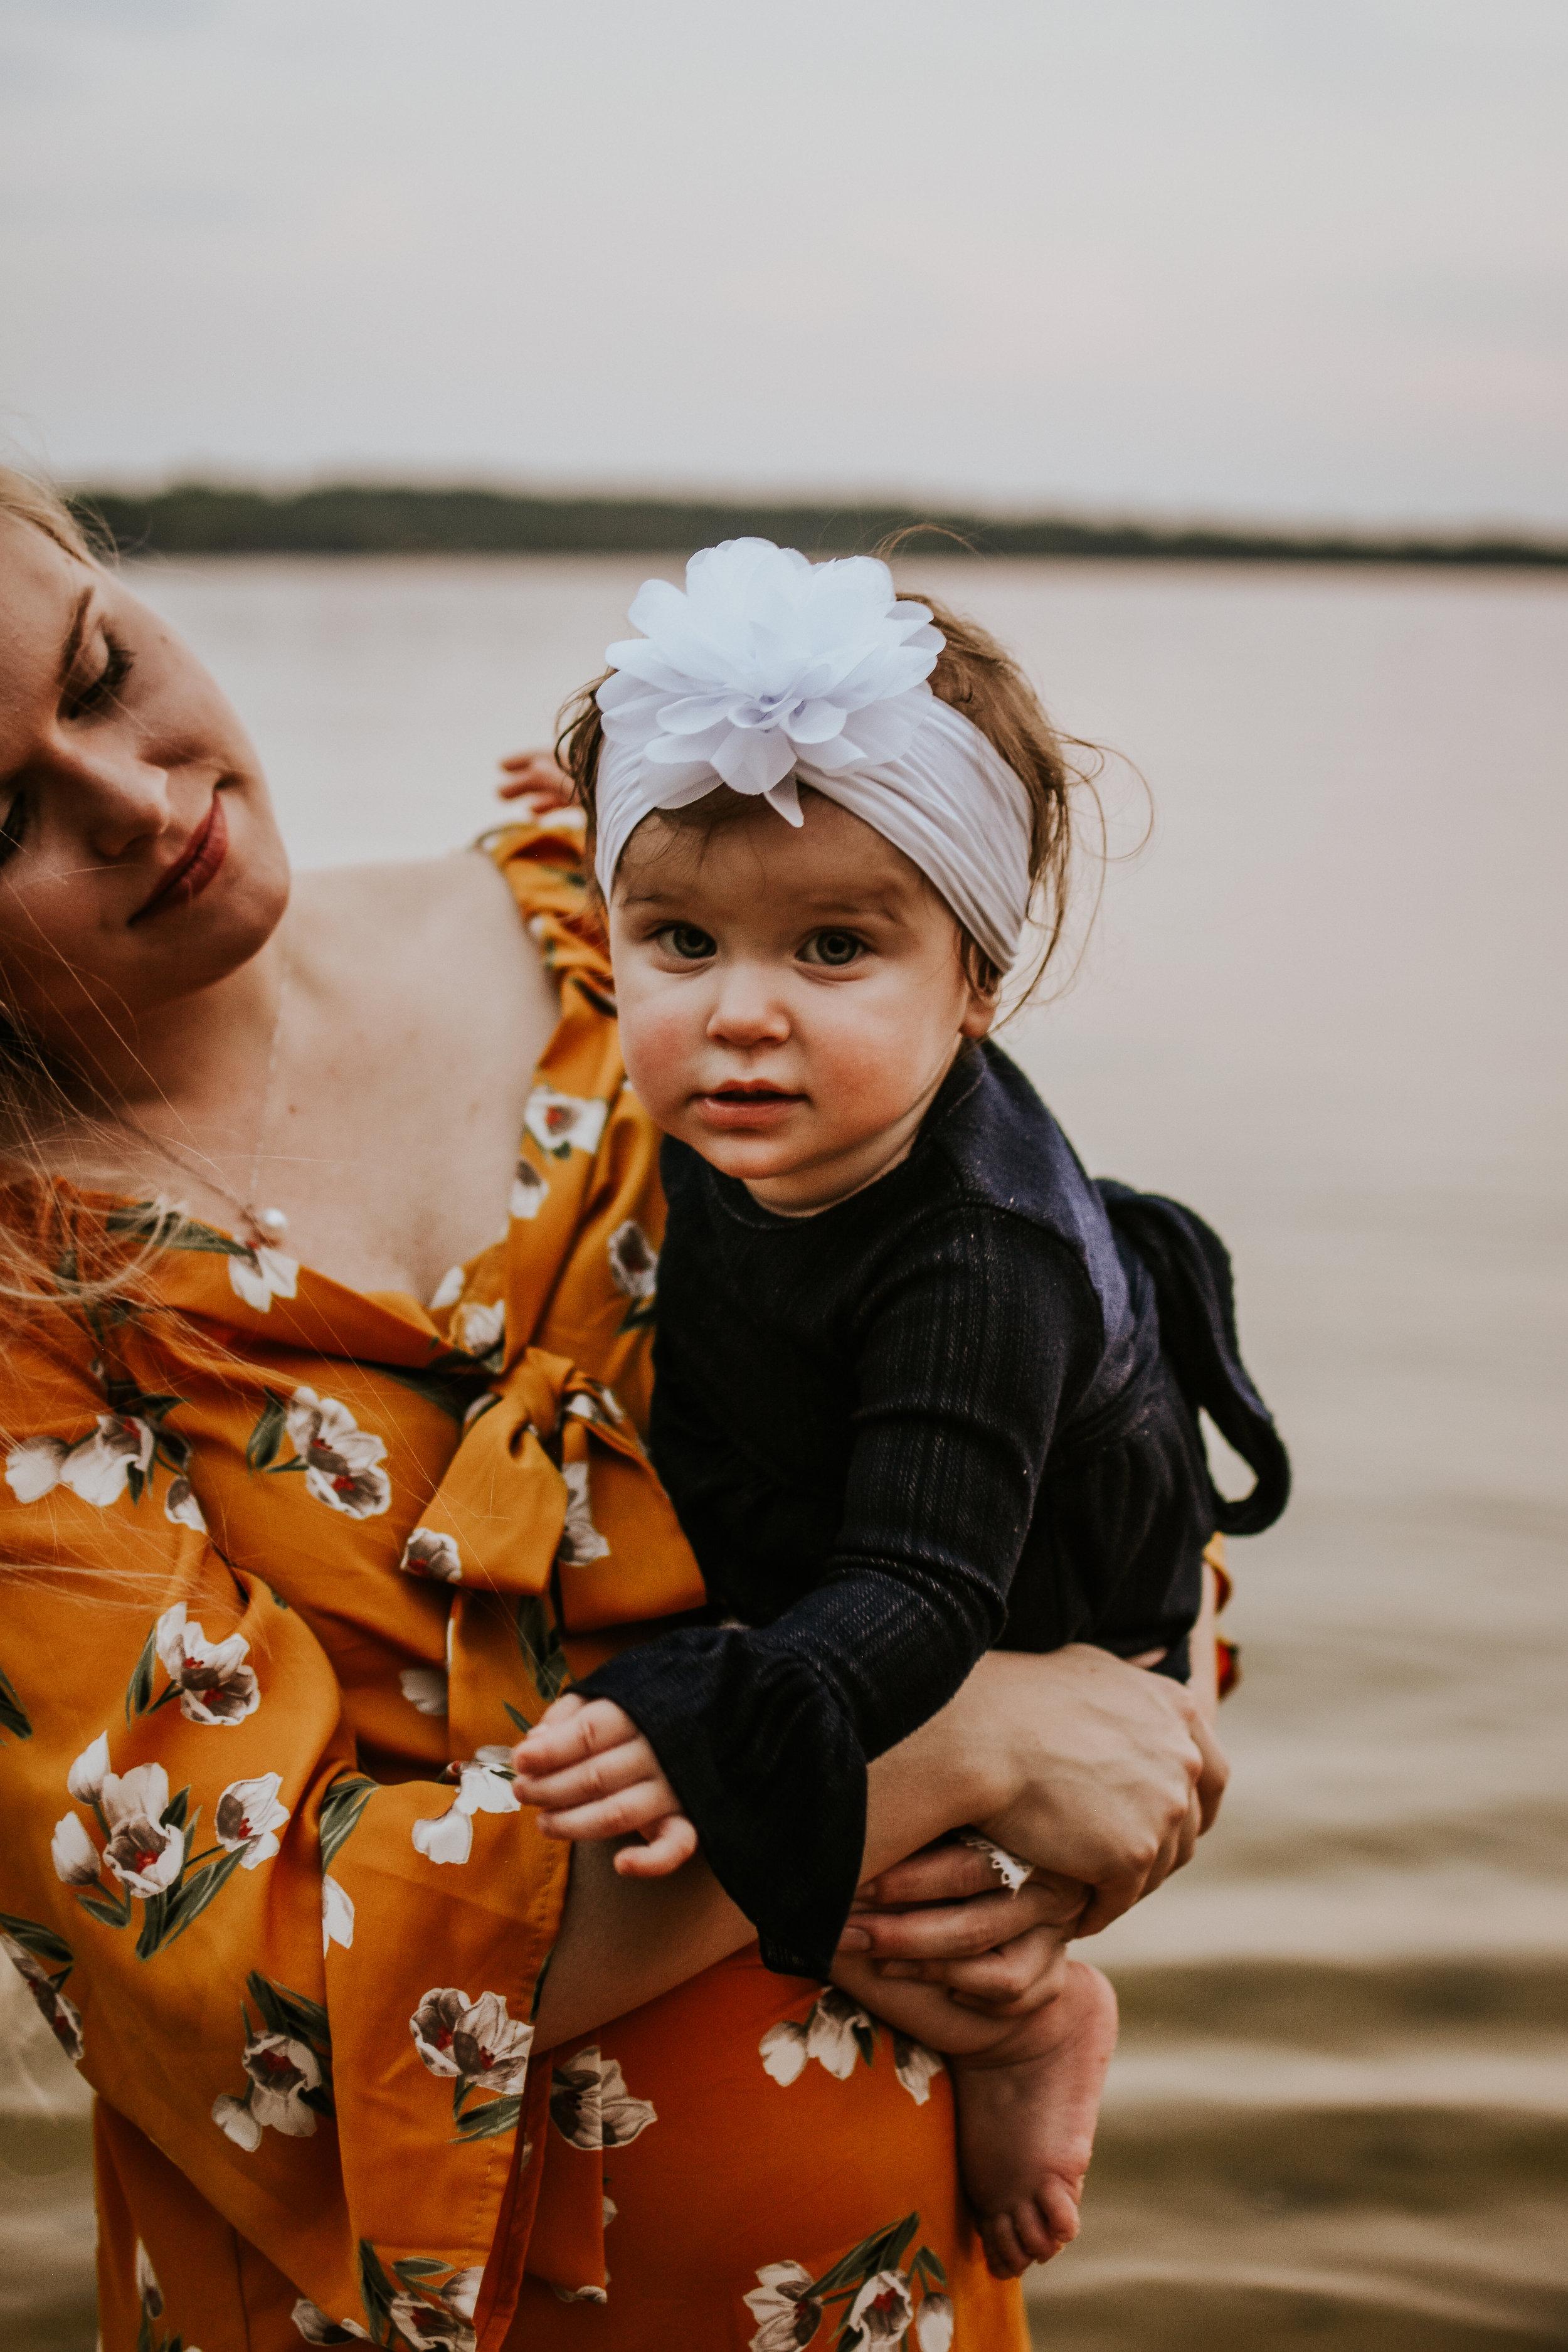 CrestviewFloridaLifestylePhotographer-MommyandMeSession-LakeJackson-FloralaAlabama-65.jpg